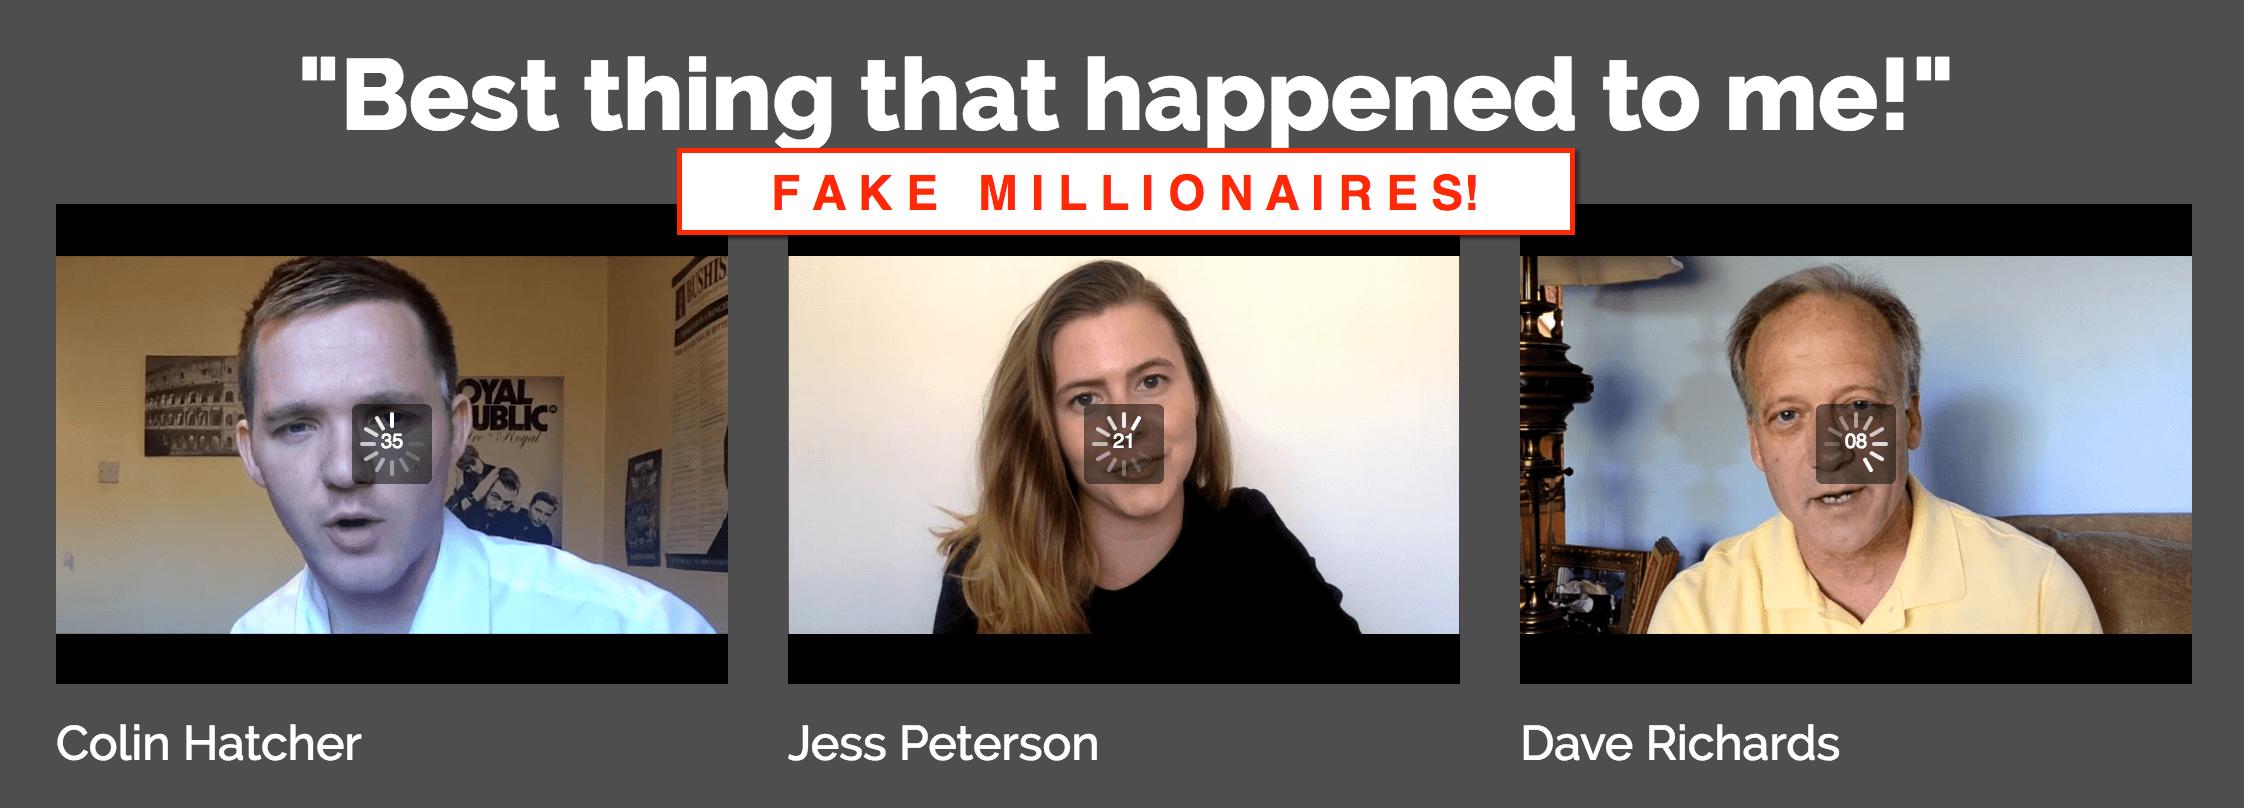 fake-millionaires